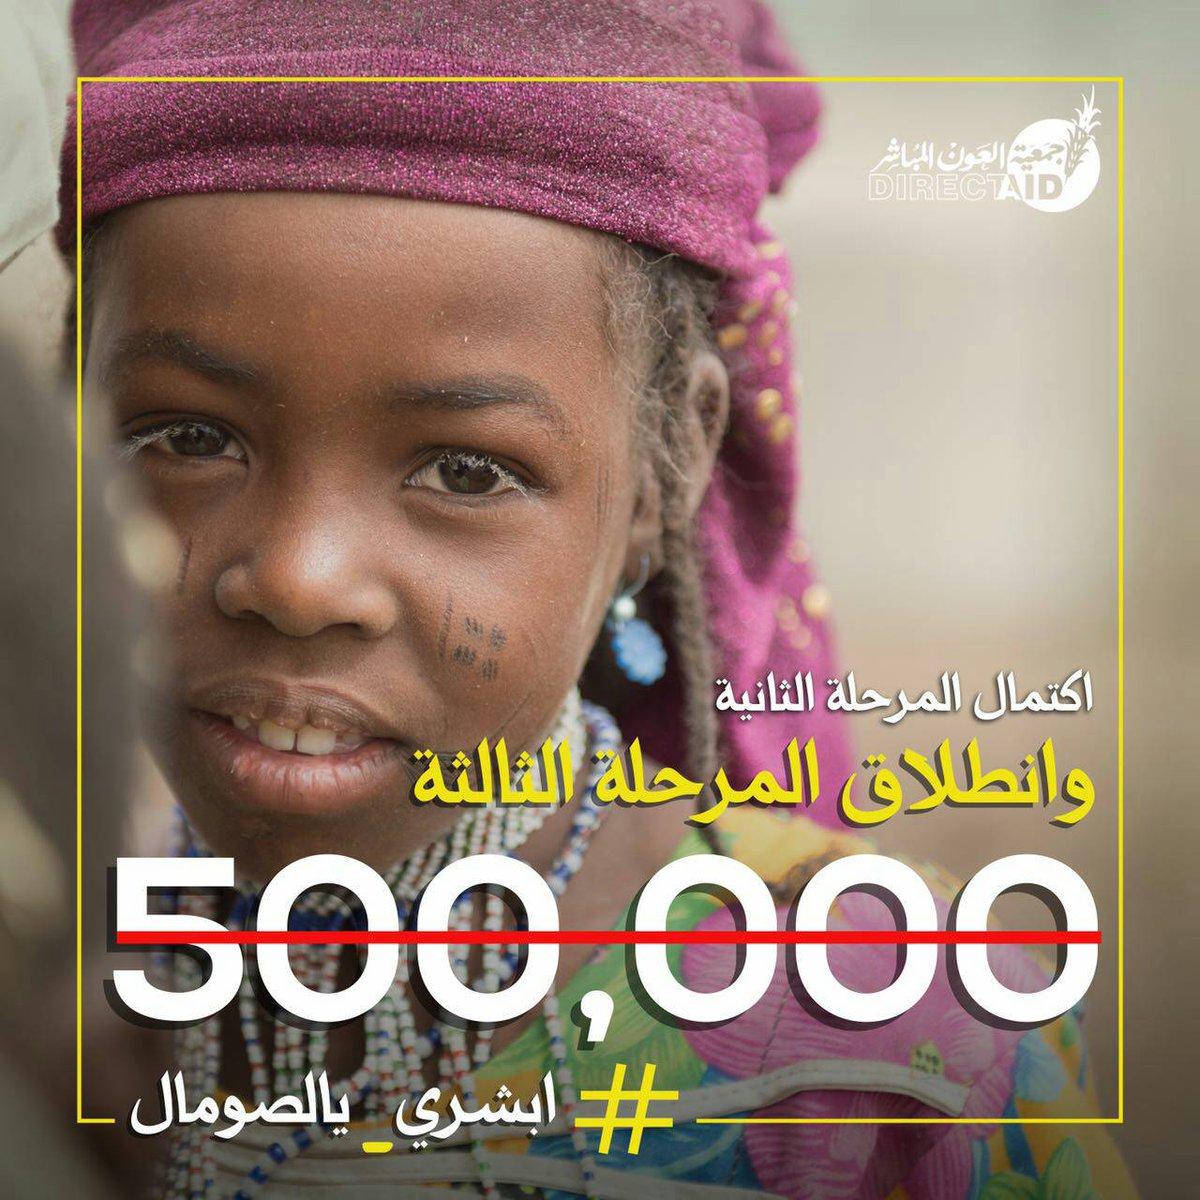 وصلنا ال ٥٠٠ الف بفضل الله تعالى مستمرين معاكم بنصرة اهلنا في الصومال...